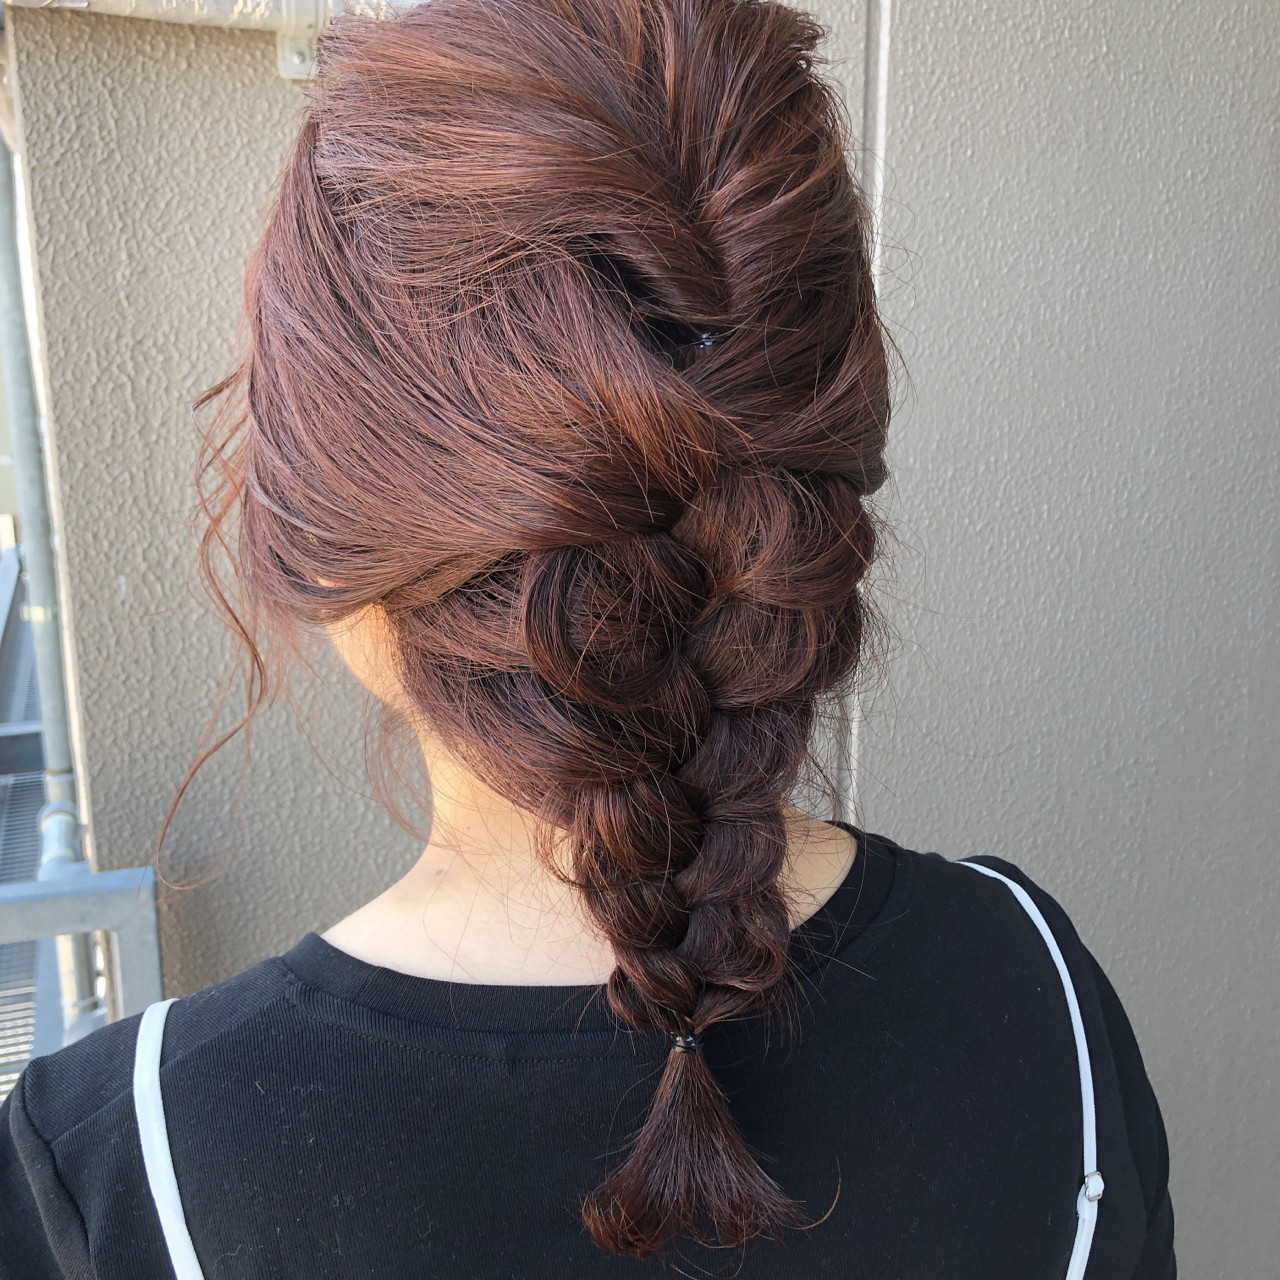 結婚式 ヘアアレンジ デート 前髪あり ヘアスタイルや髪型の写真・画像